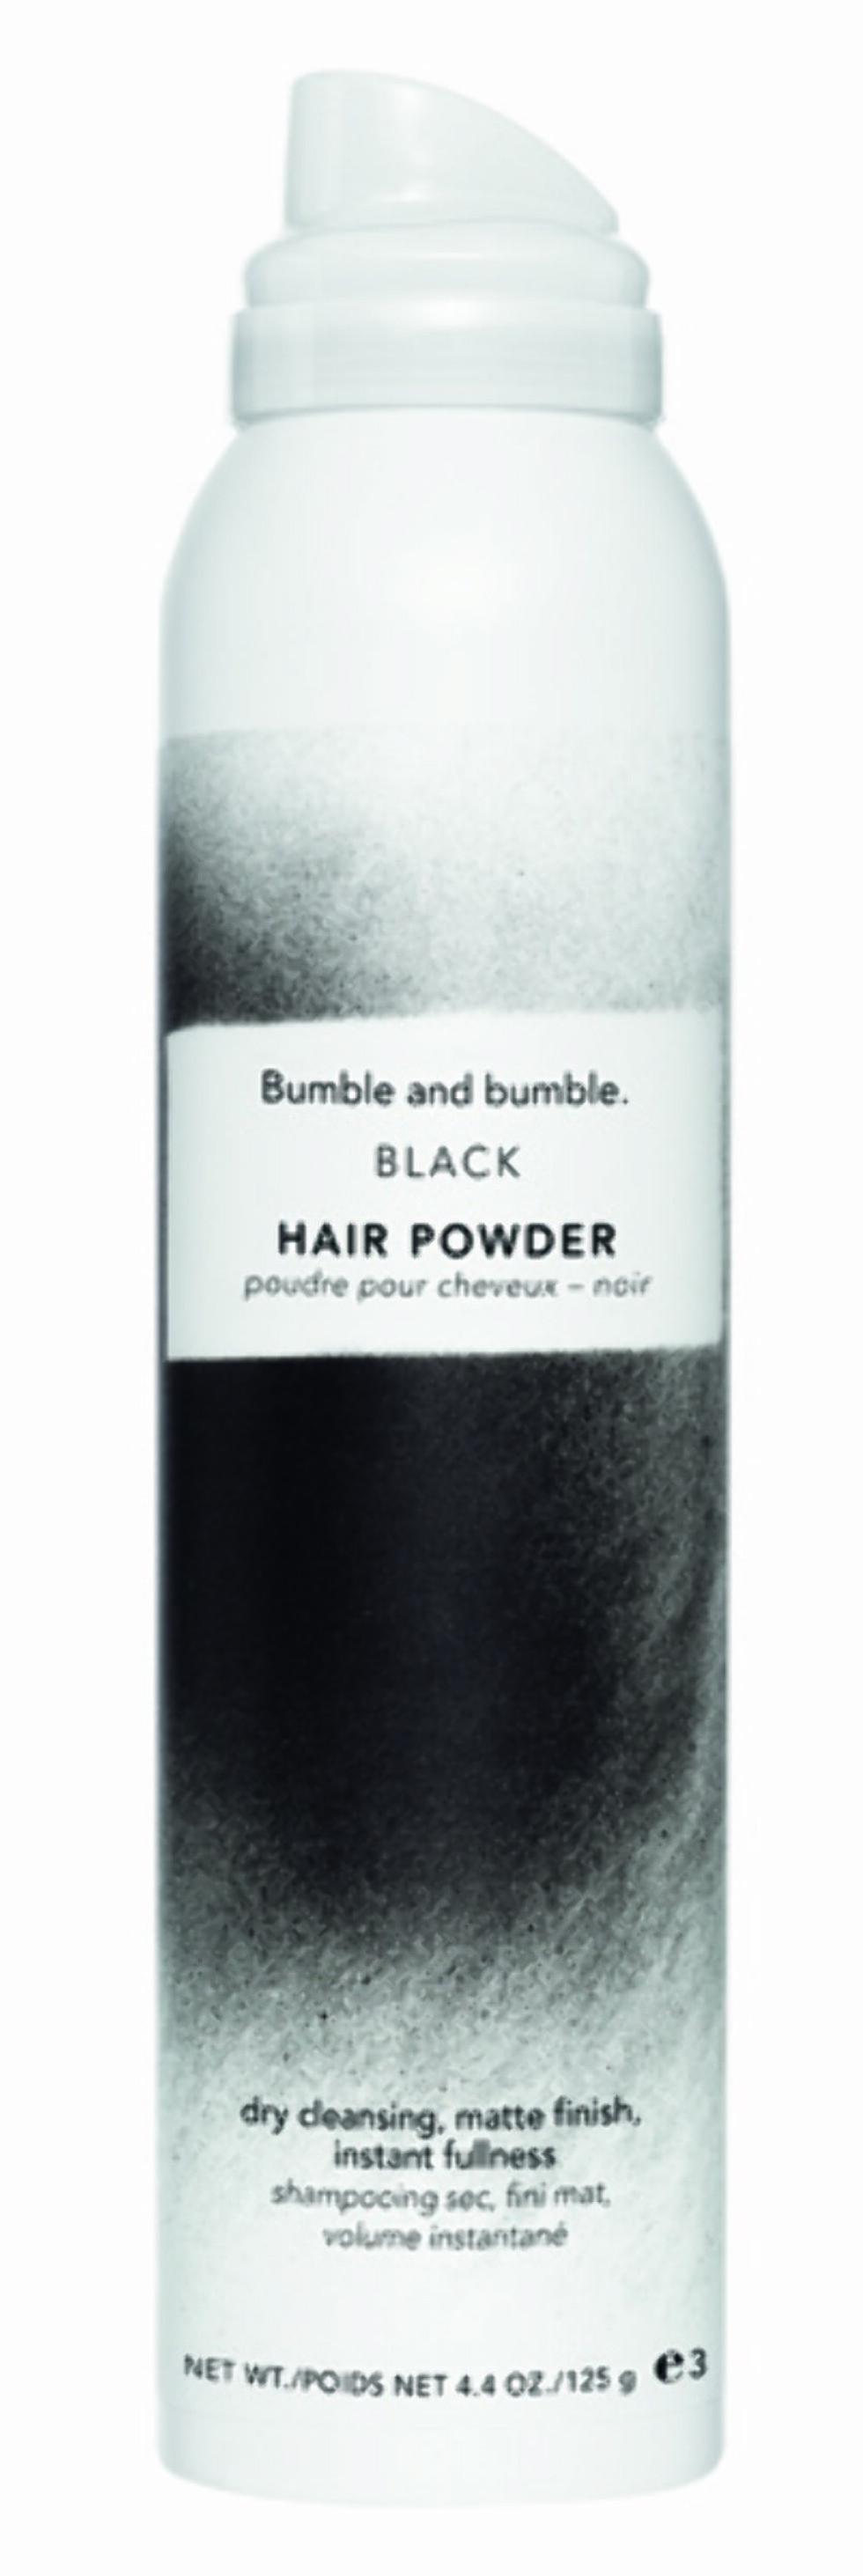 Hårpudder for deg med svart hår fra Bumble and bumble. Kommer i to størrelser: 28 g, kr 235 og 125 g, kr 423.